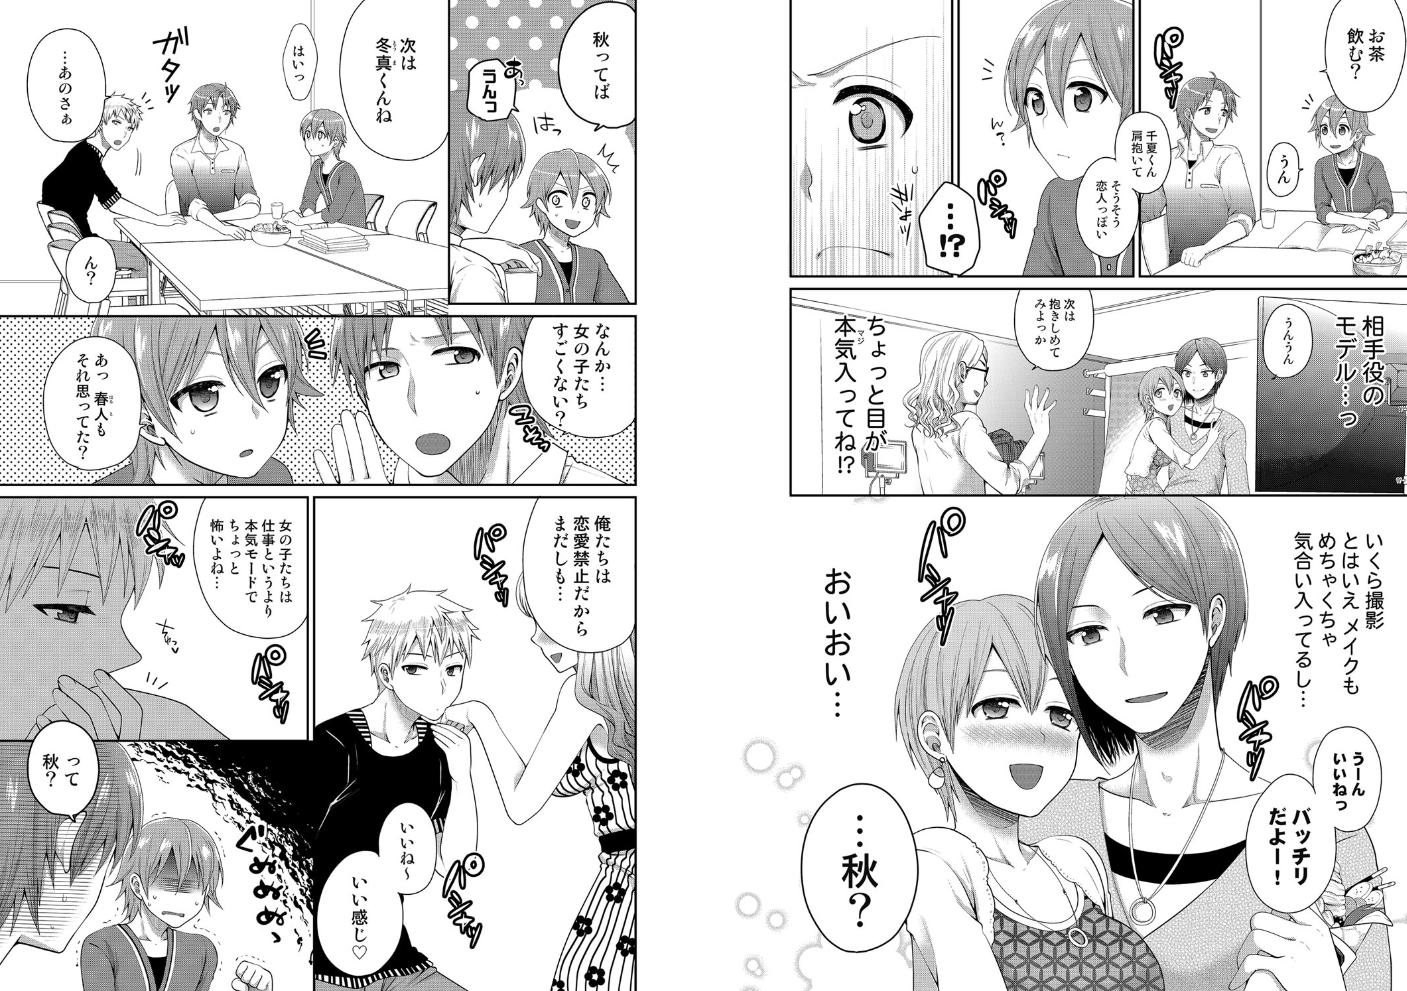 ドSアイドル×性処理係 ~ステージ裏で「愛」を注がれるただ1人の「女」~ (3)